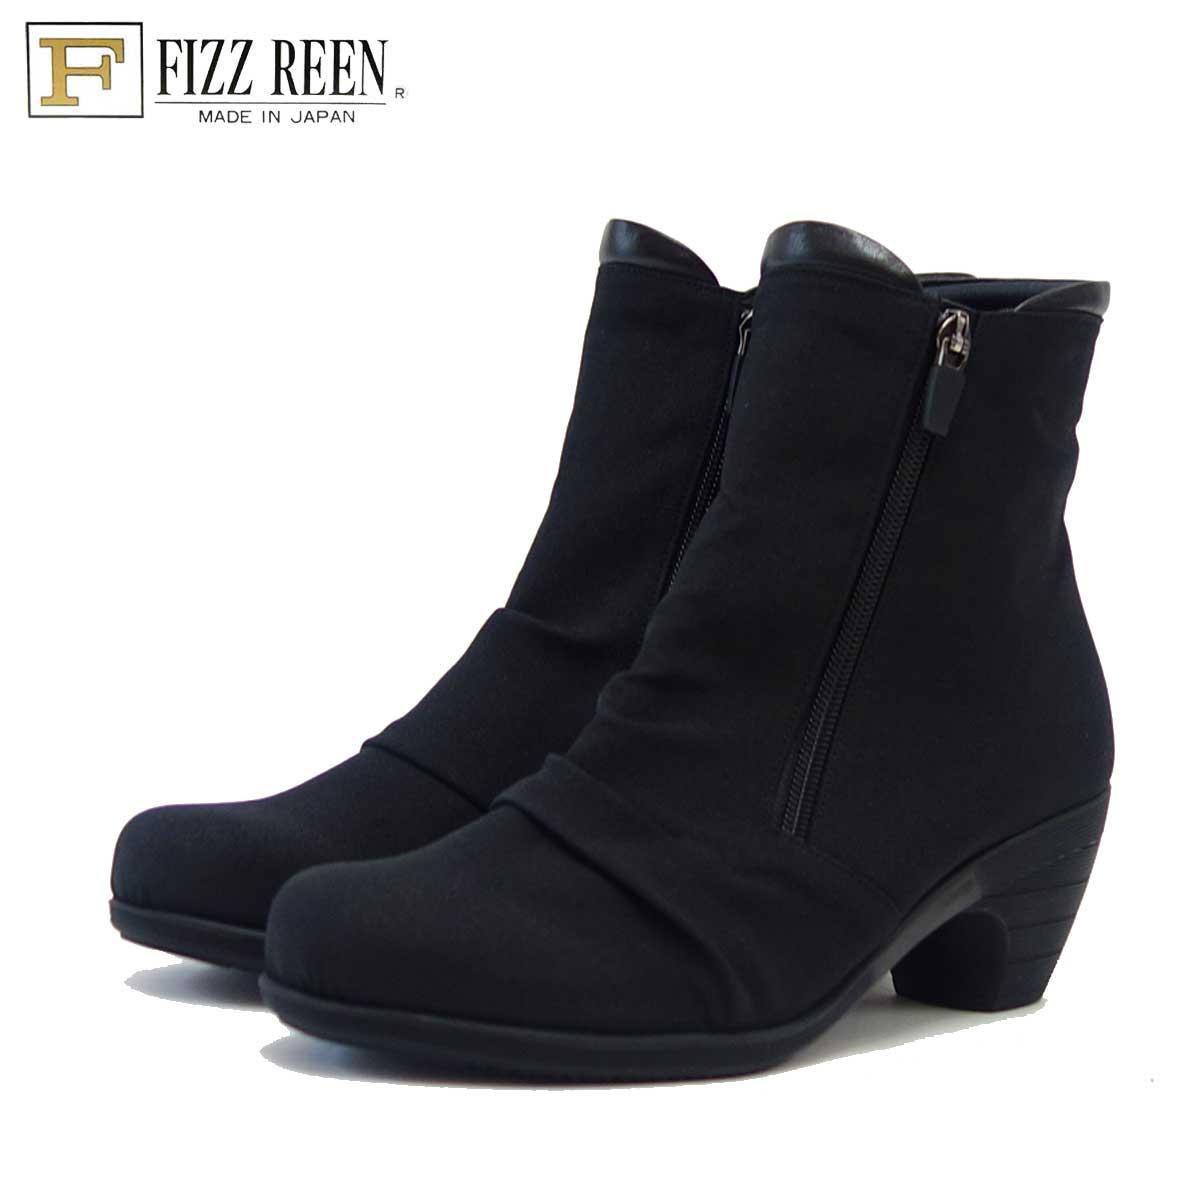 フィズリーン FIZZ REEN 9339 ブラック(日本製)撥水加工ストレッチ素材のEEEショートブーツ 「靴」 母の日 おすすめ ギフト